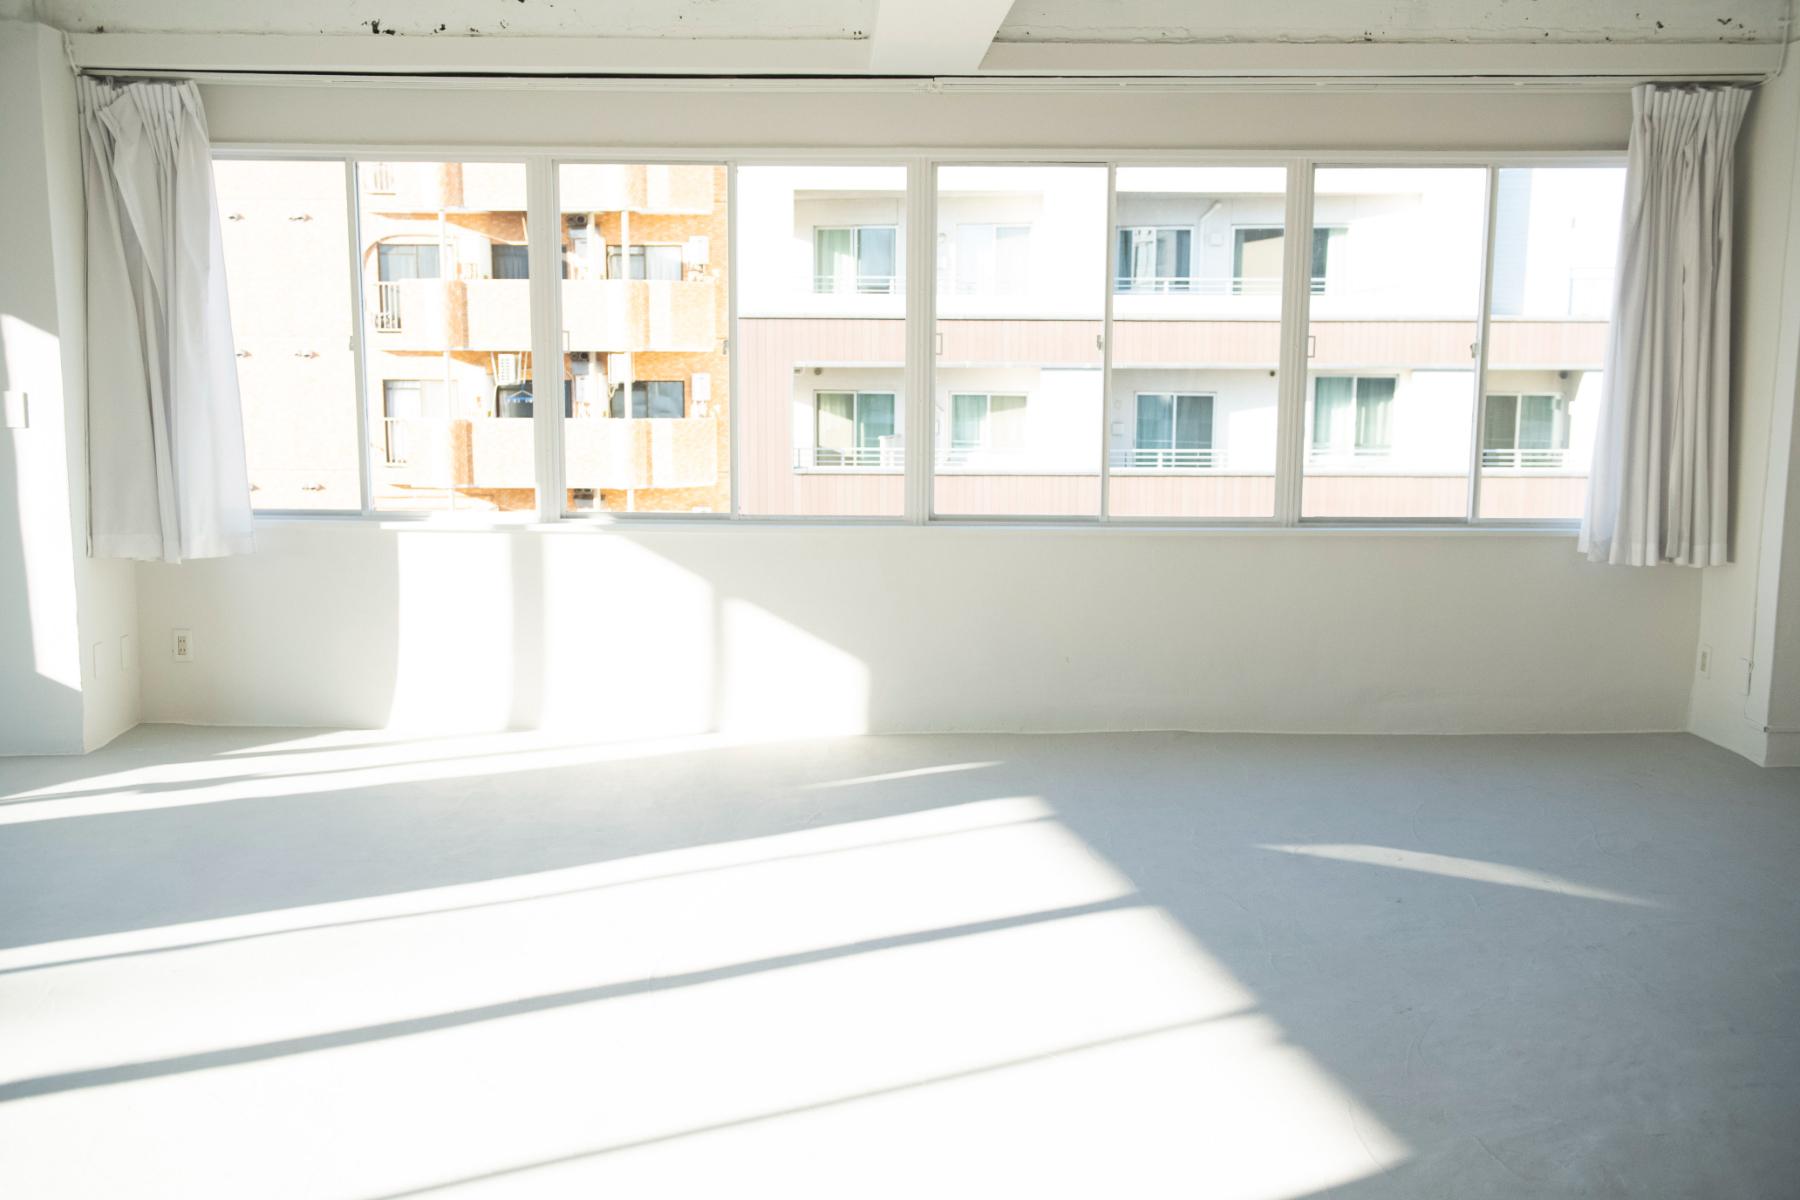 studio705